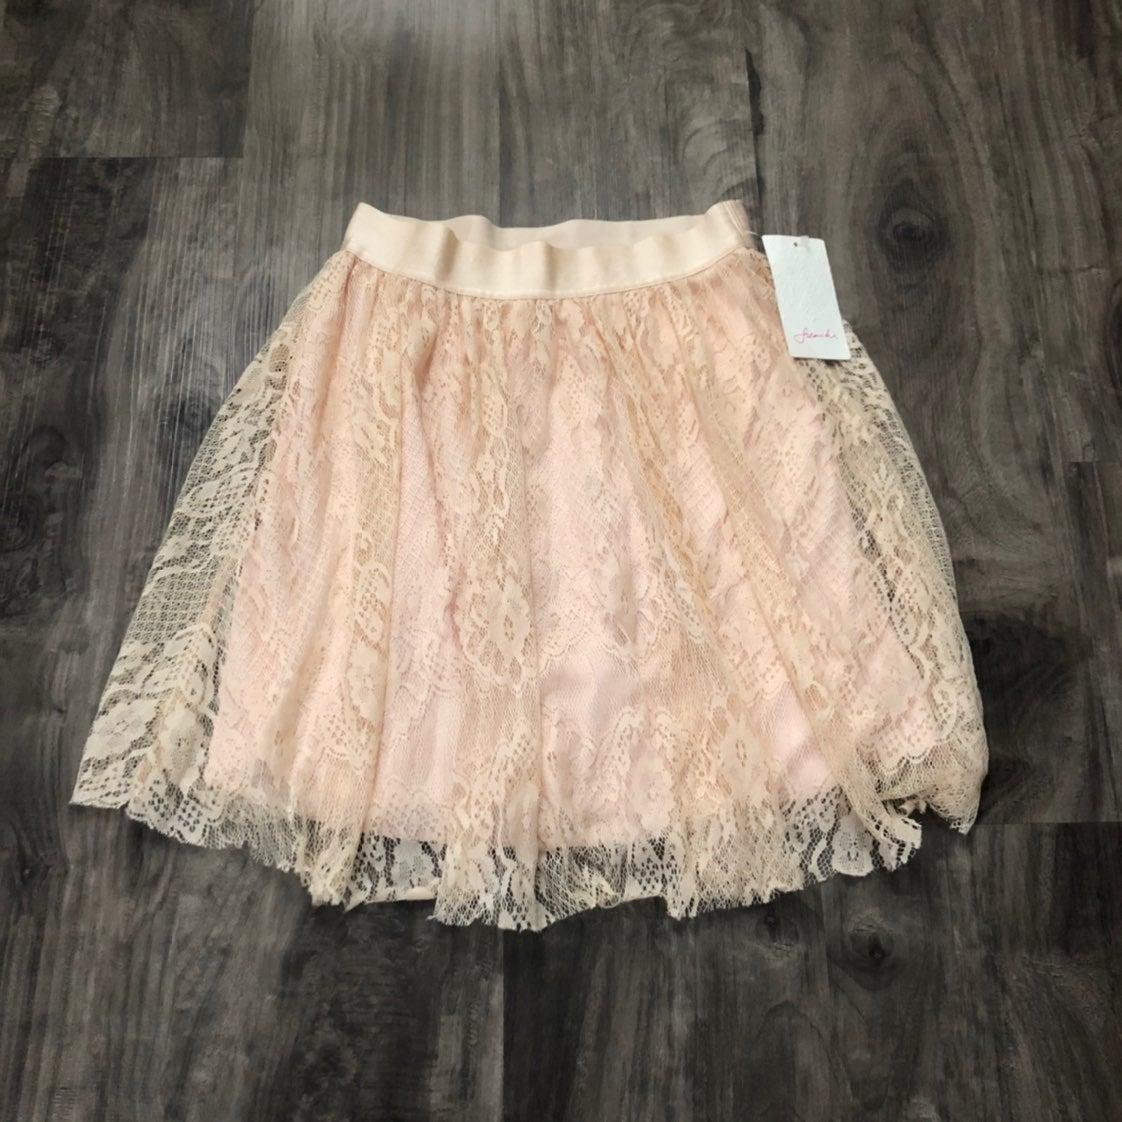 New Frenchi Pink Lace Skirt Soft Pink XS